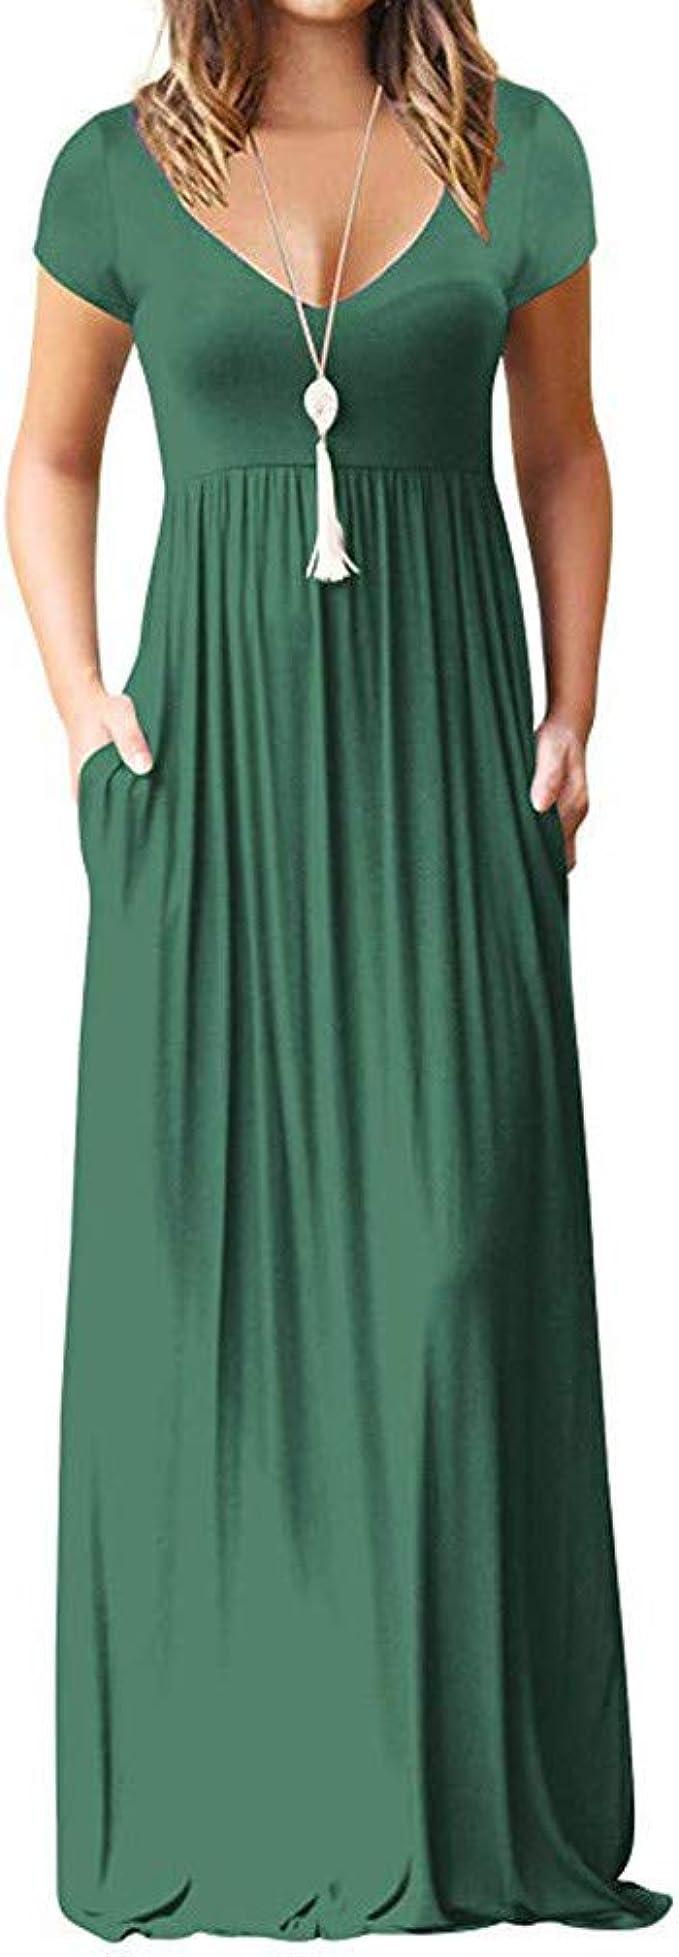 T Shirt Kleid Kleider Sommerkleid Damen Sommer Sexy Elegant V